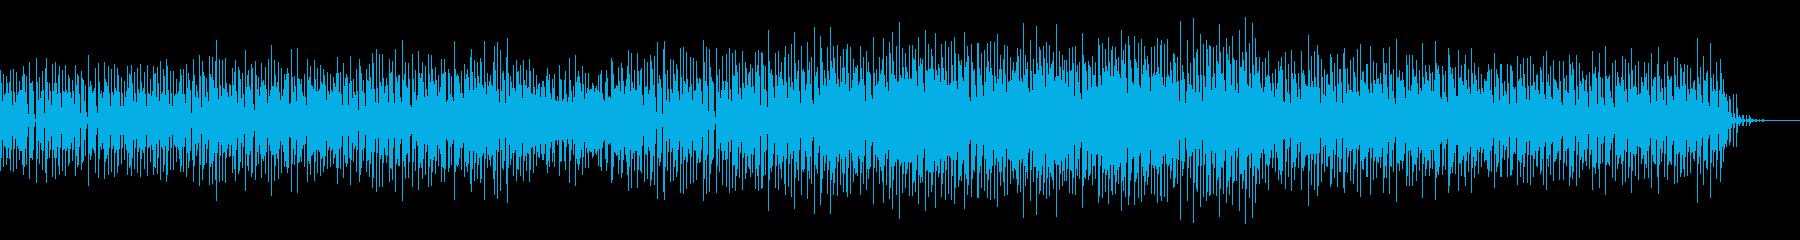 激しいバスドラがフィルインし続けるテクノの再生済みの波形